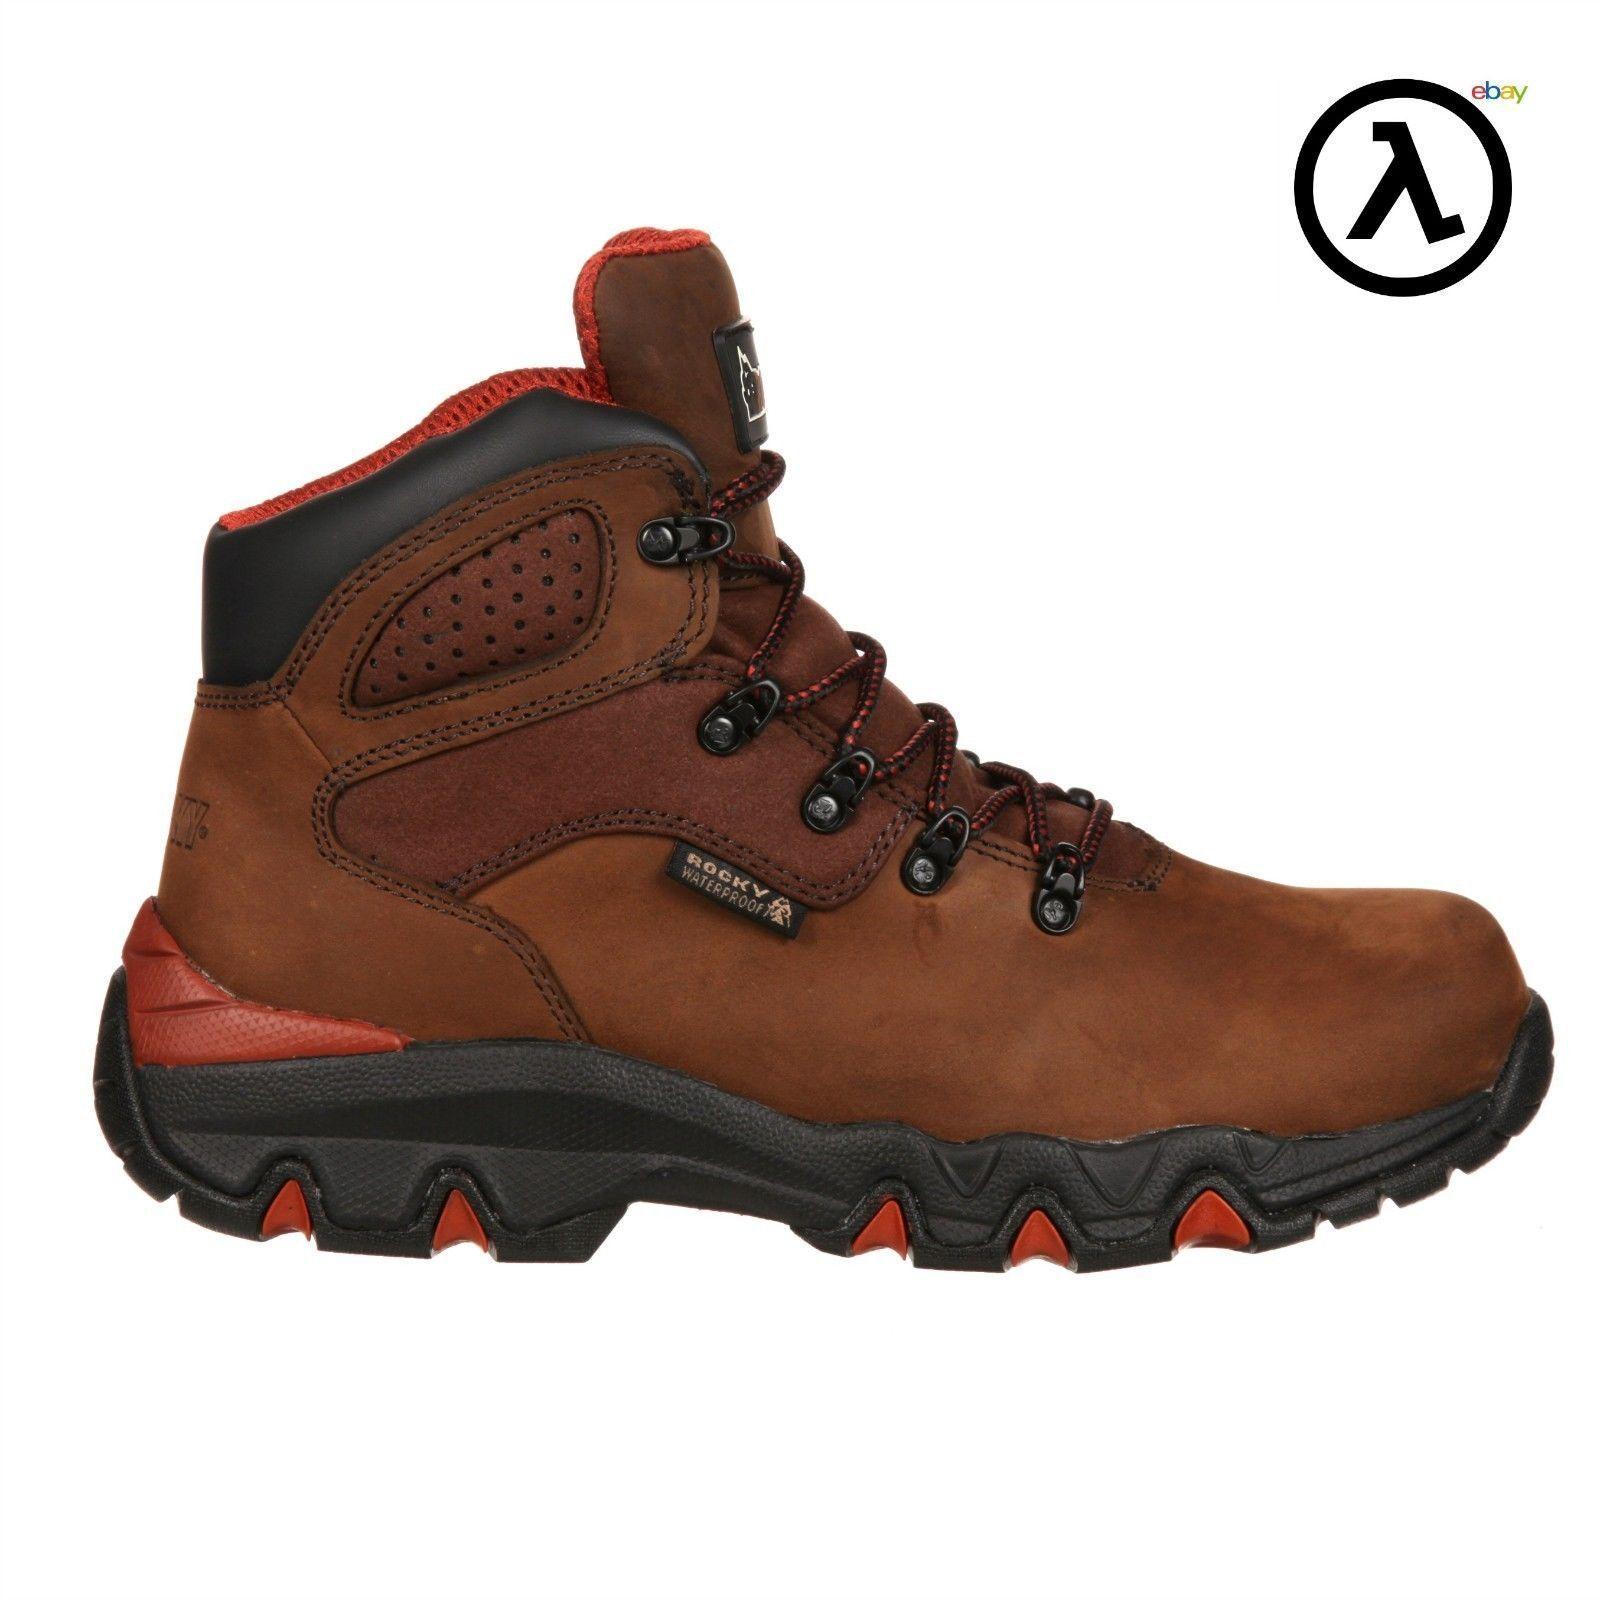 botas para excursionista ROCKY BIGFOOT Impermeable Trabajo rkyk 062  todos Los Tamaños-Venta